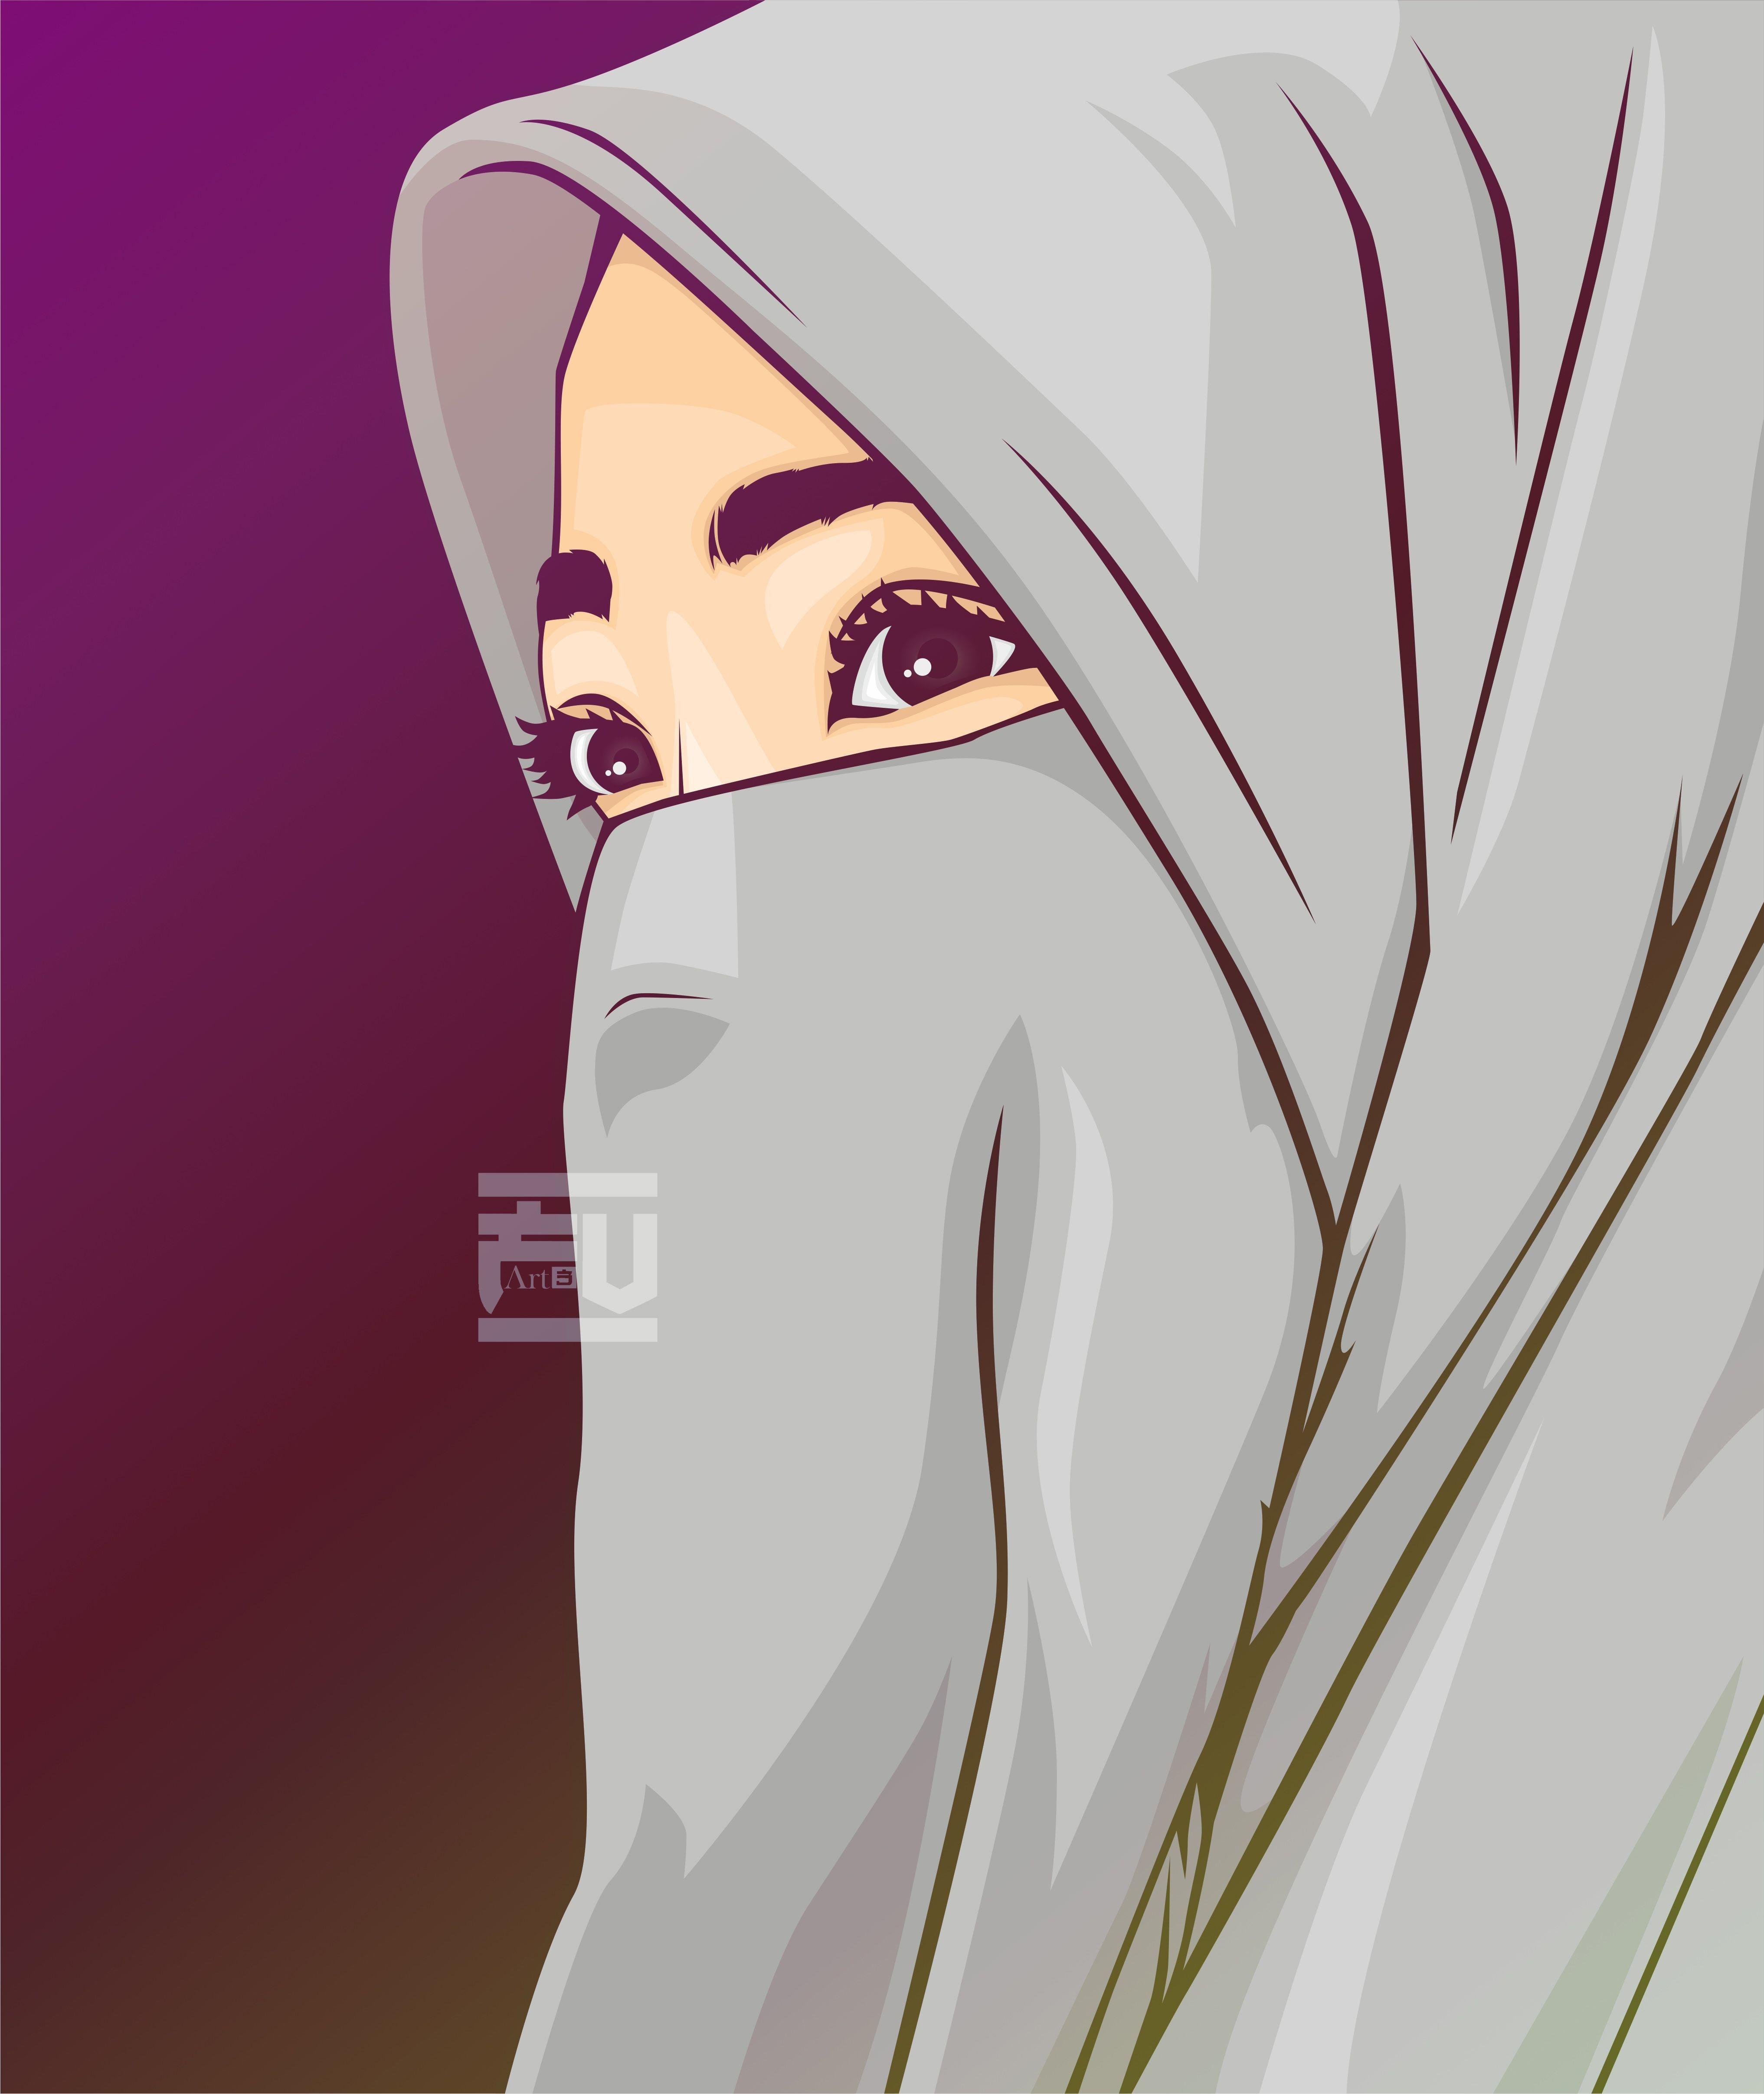 Unduh 850 Gambar Animasi Hijab Hd Paling Keren Kartun Gambar Animasi